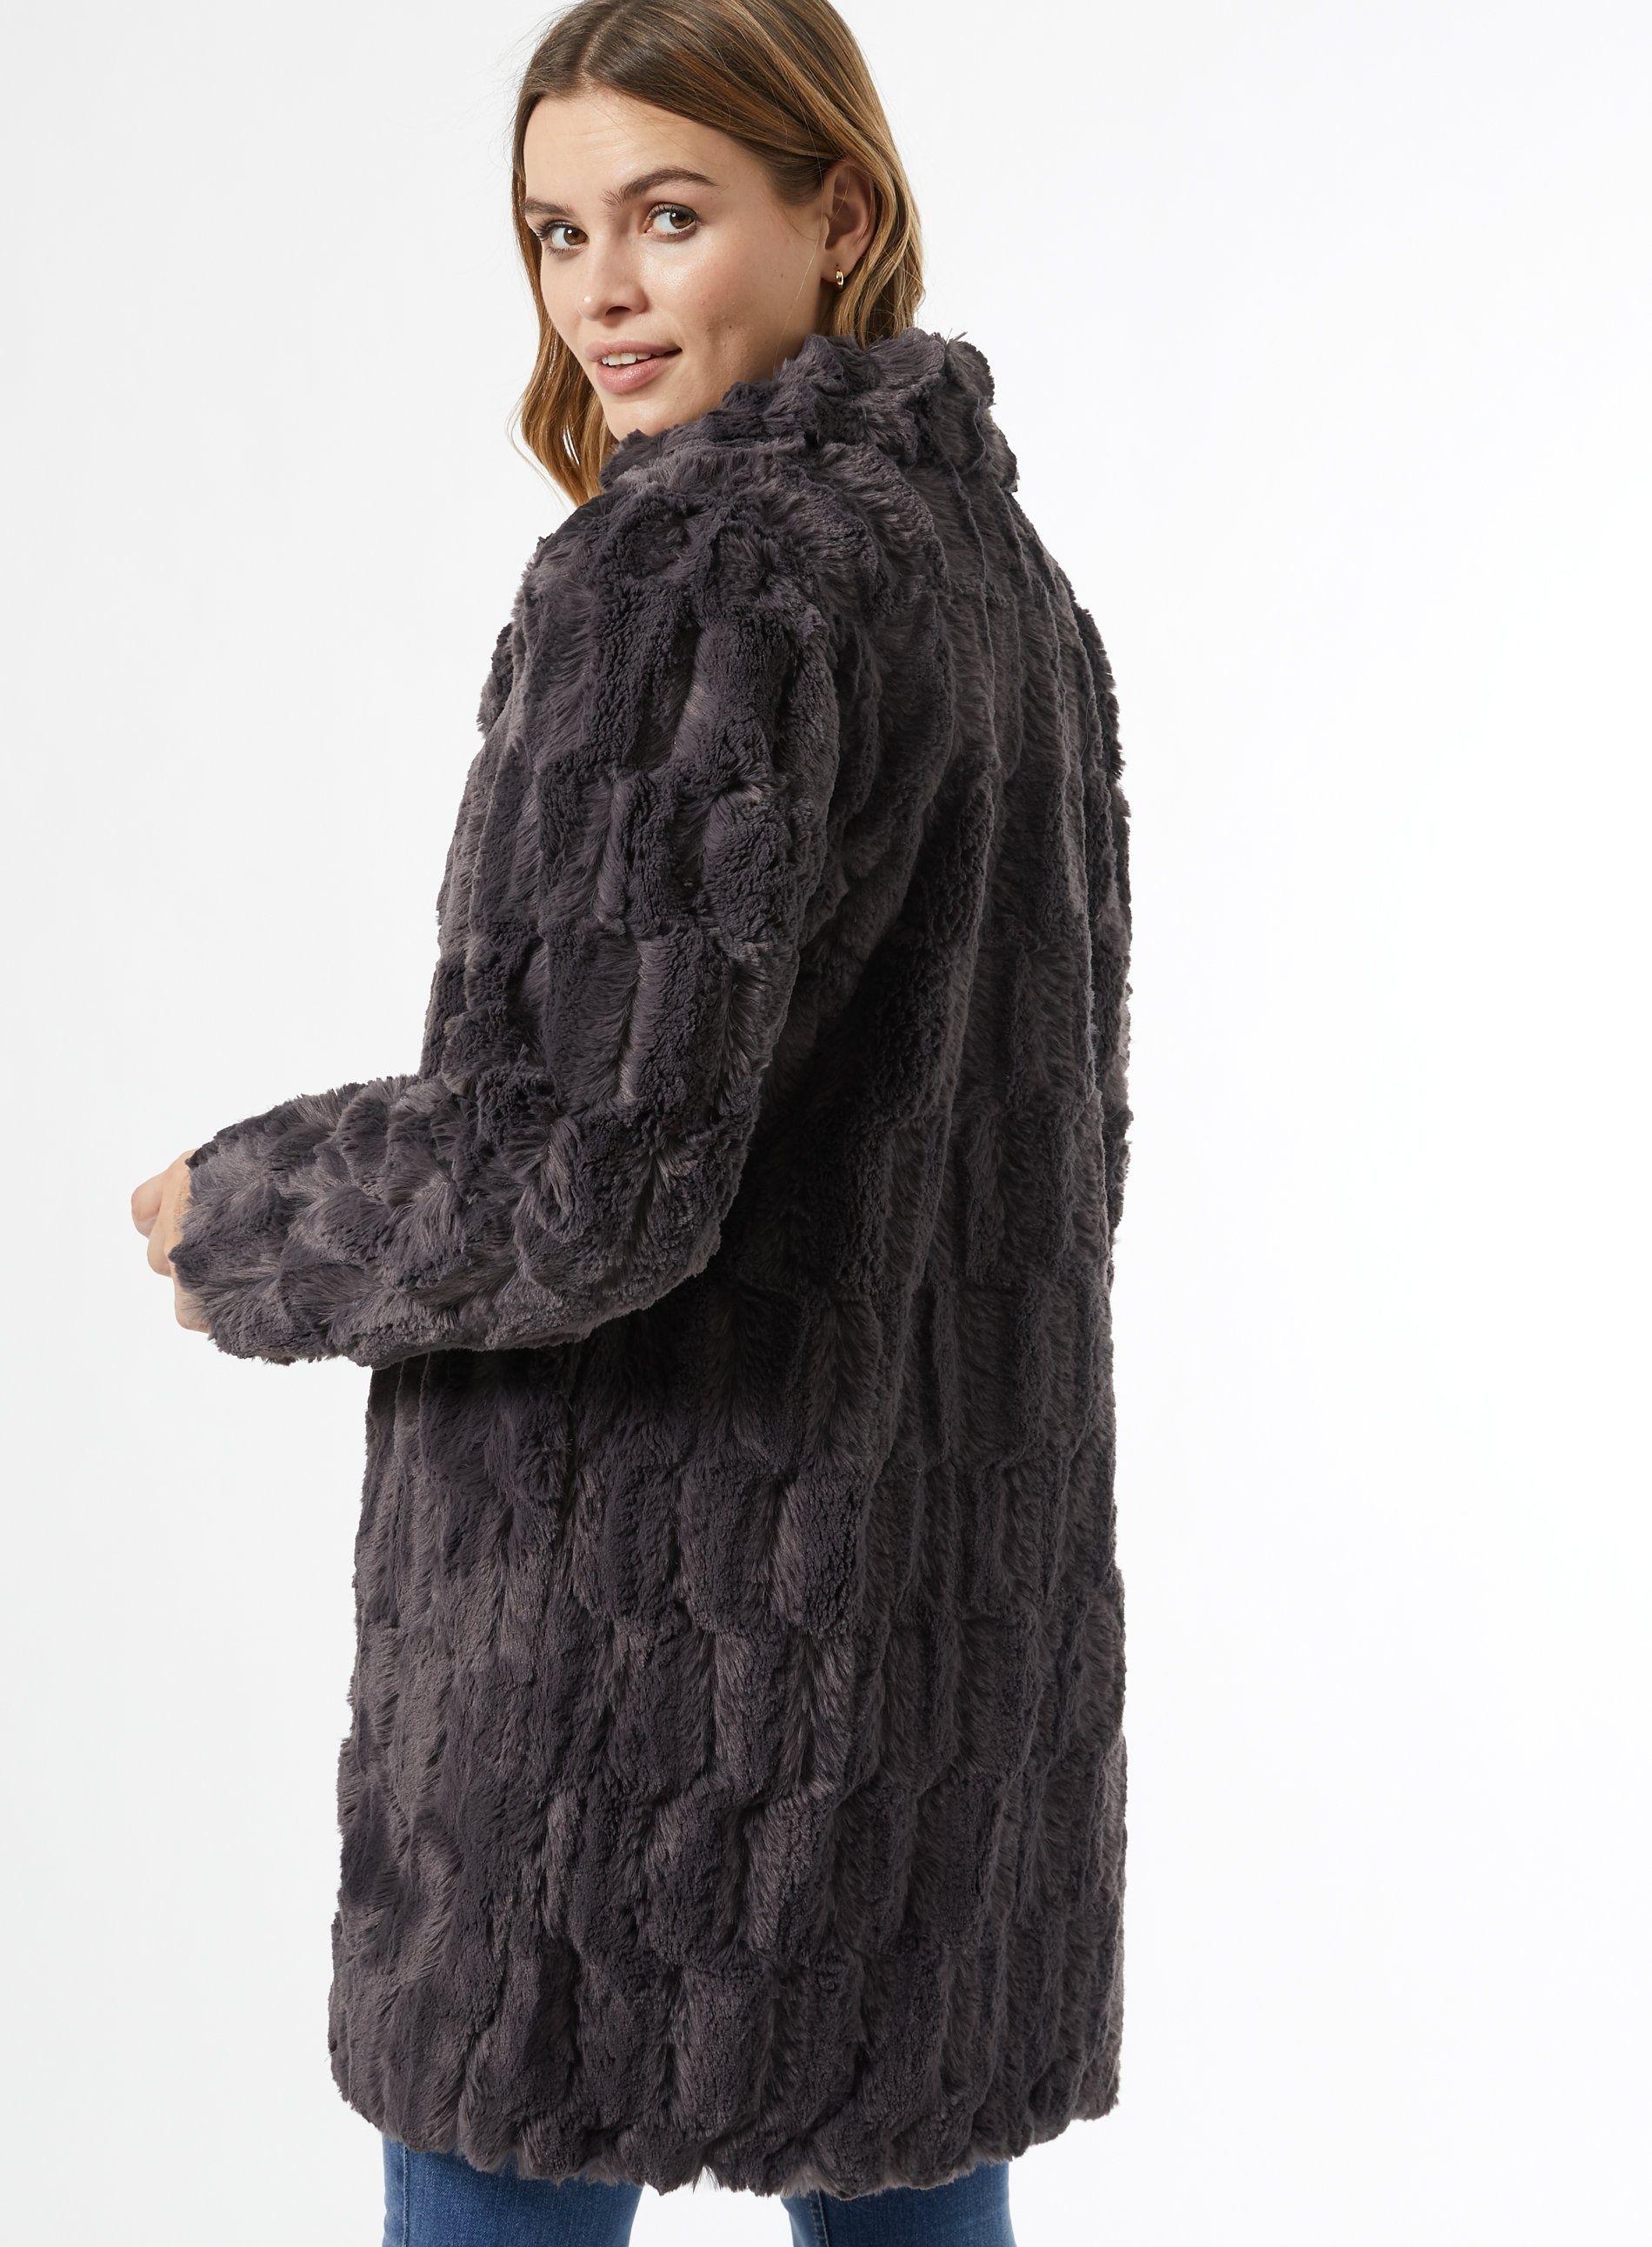 Dorothy Perkins Womens Grey Longline Fur Coat Warm Winter Jacket Outwear Top